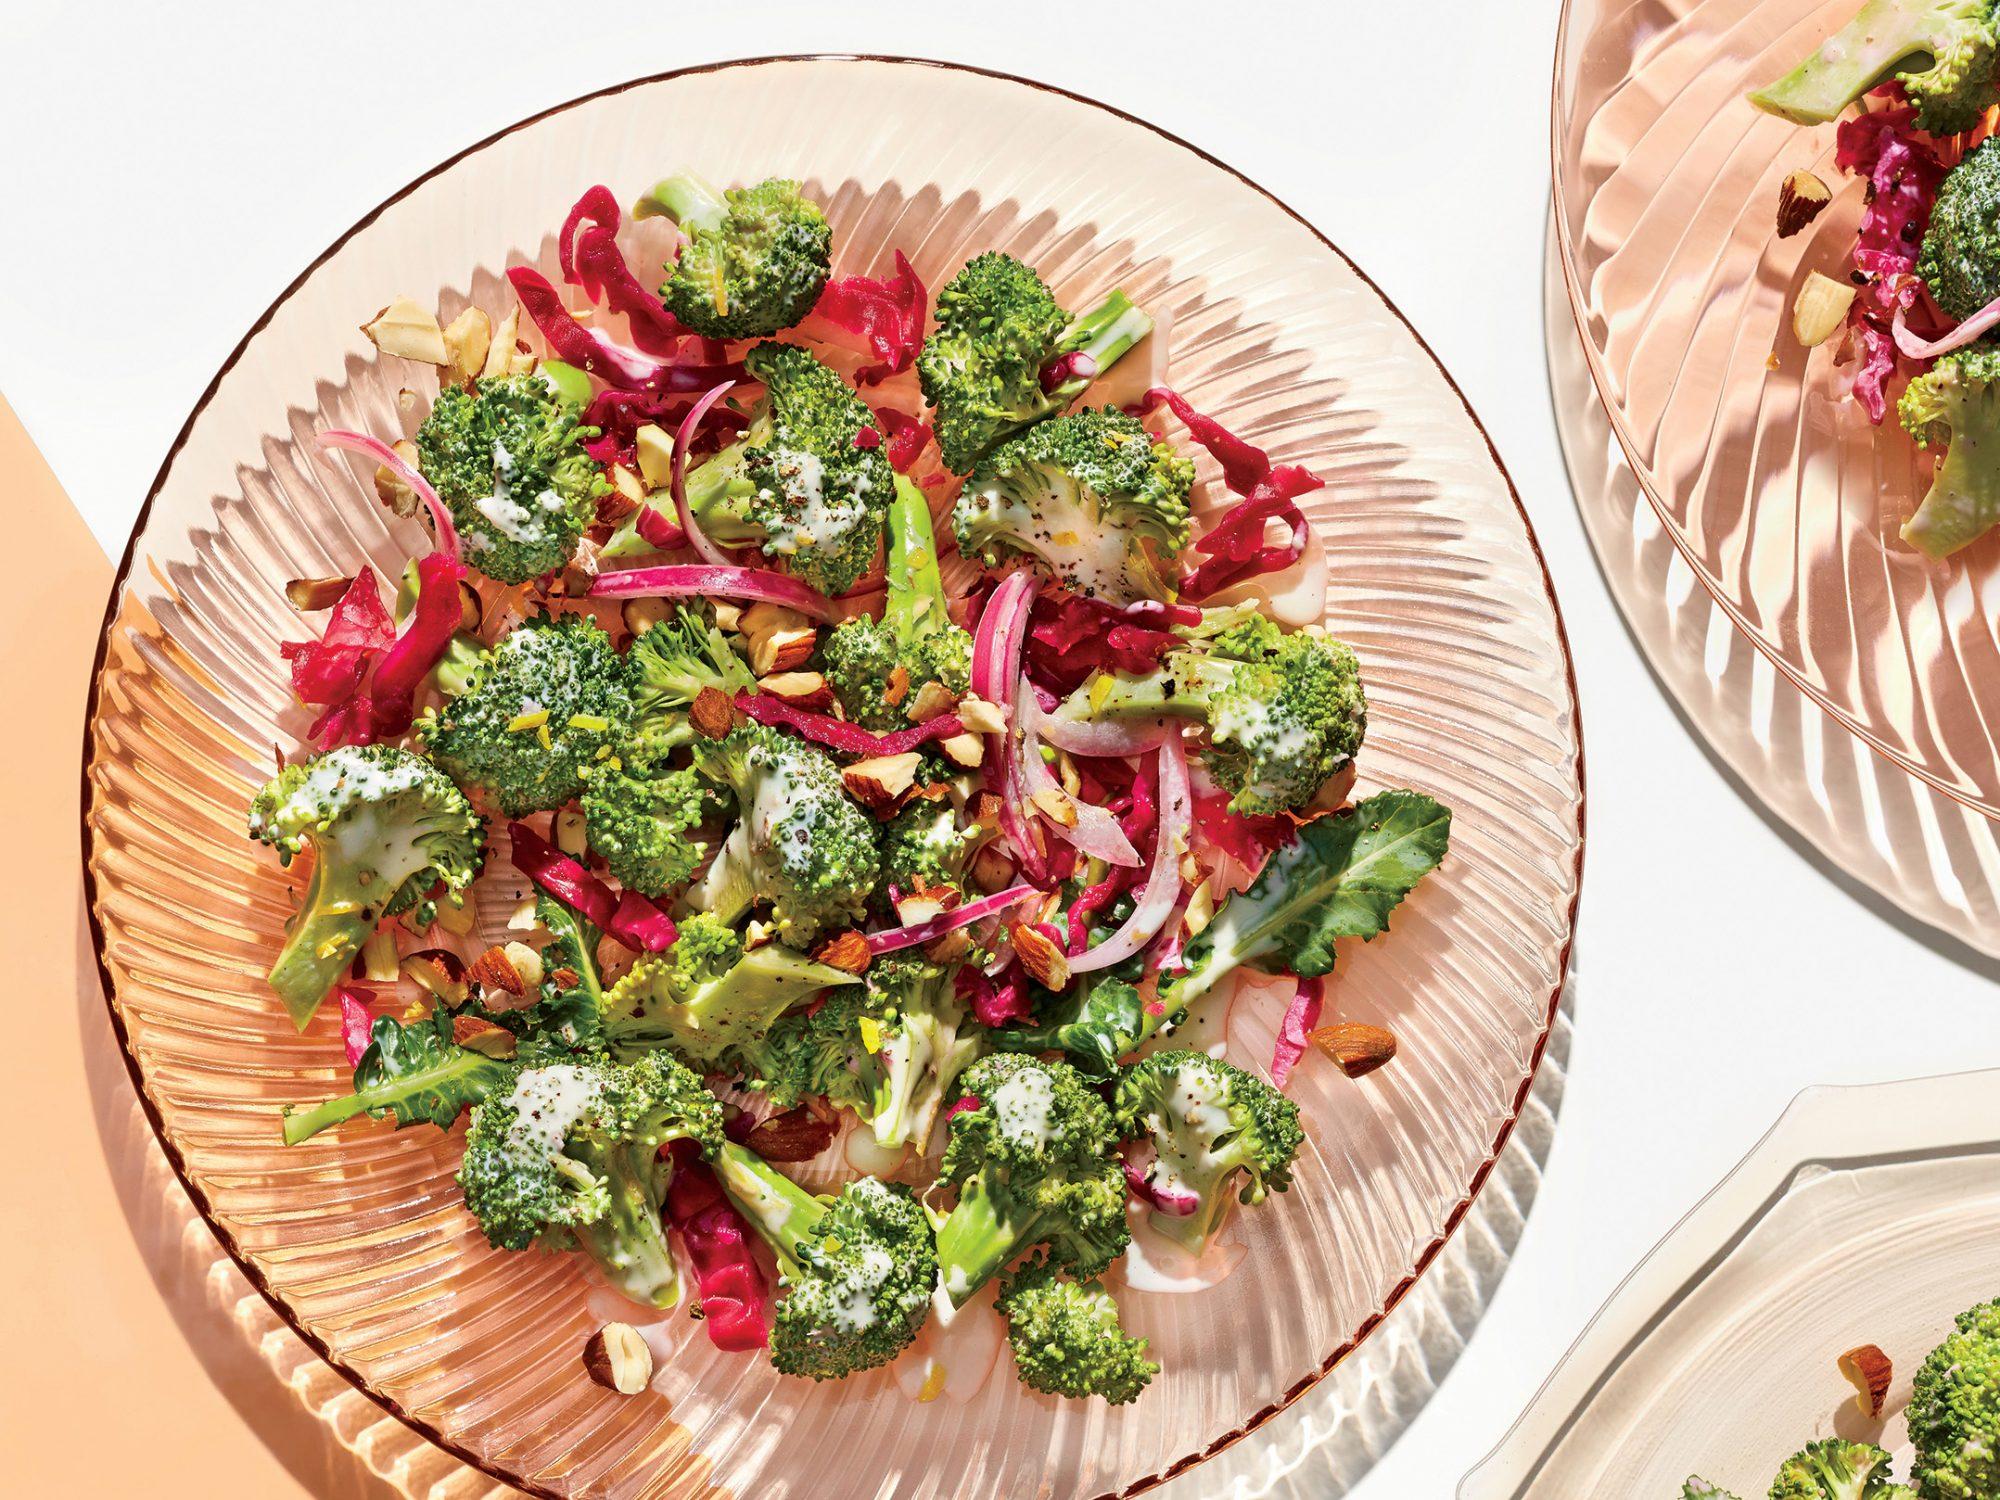 Savory Broccoli-and-Sauerkraut Salad